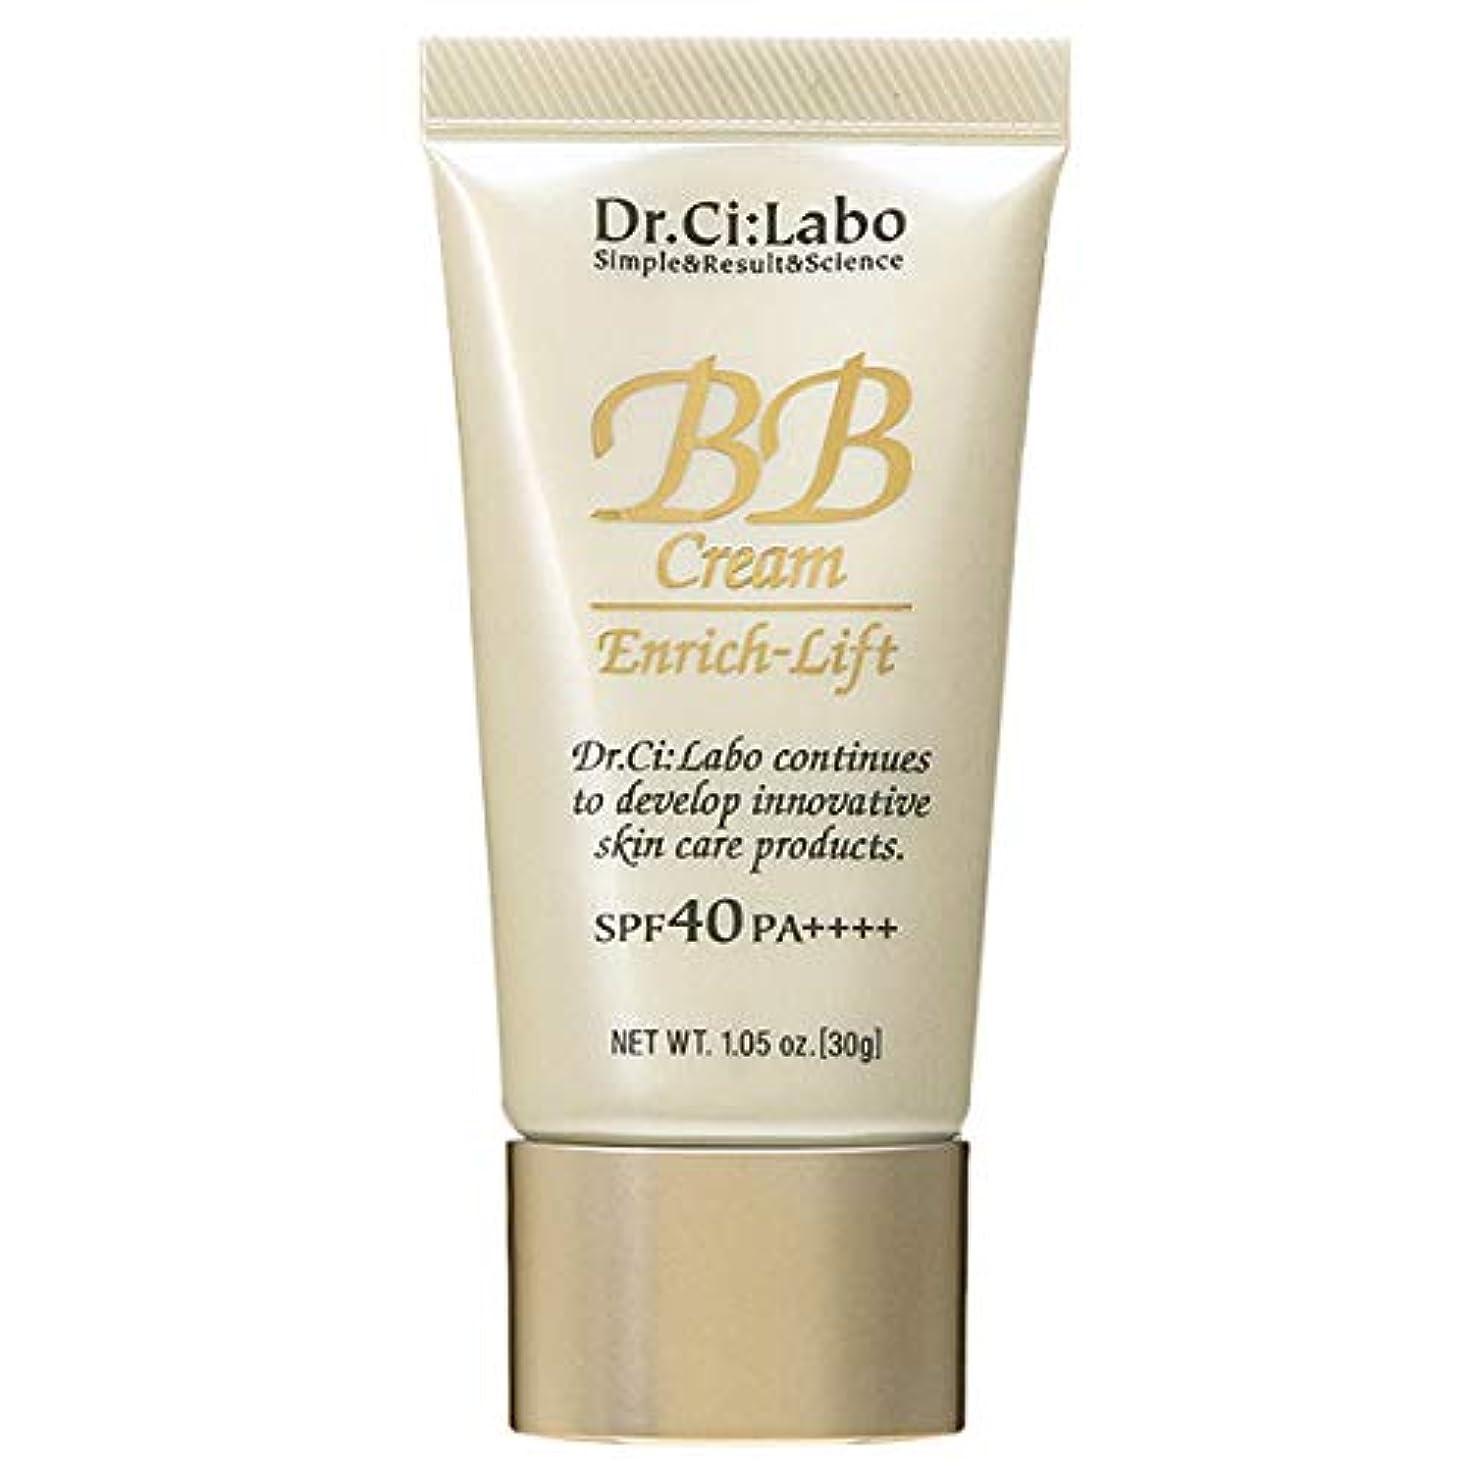 漏れ不快な製作ドクターシーラボ Dr.Ci:Labo BBクリーム エンリッチリフトLN18 SPF40 PA++++ 30g